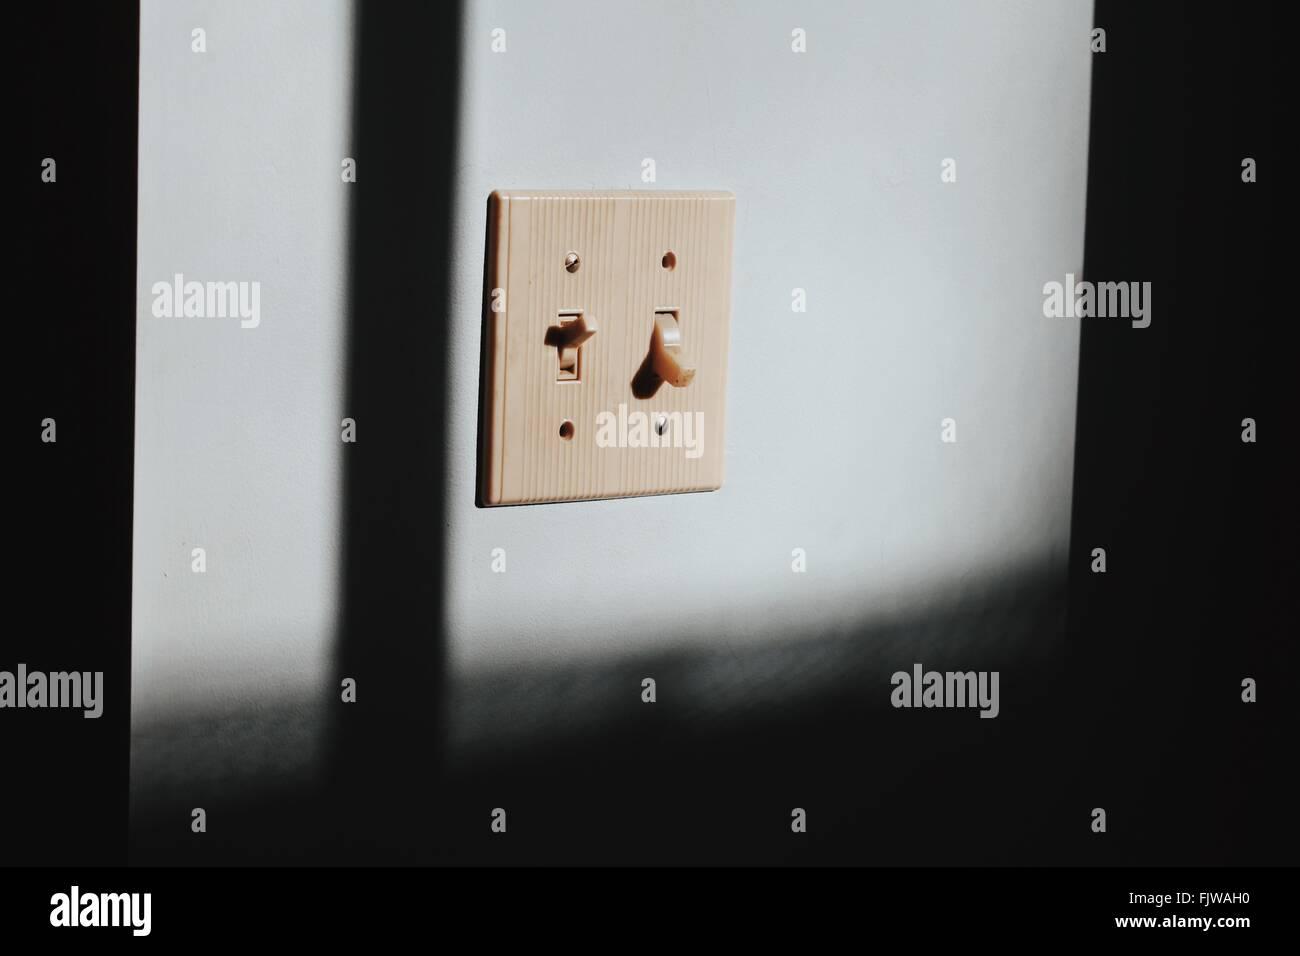 Nahaufnahme der Schalter an der Wand Stockbild